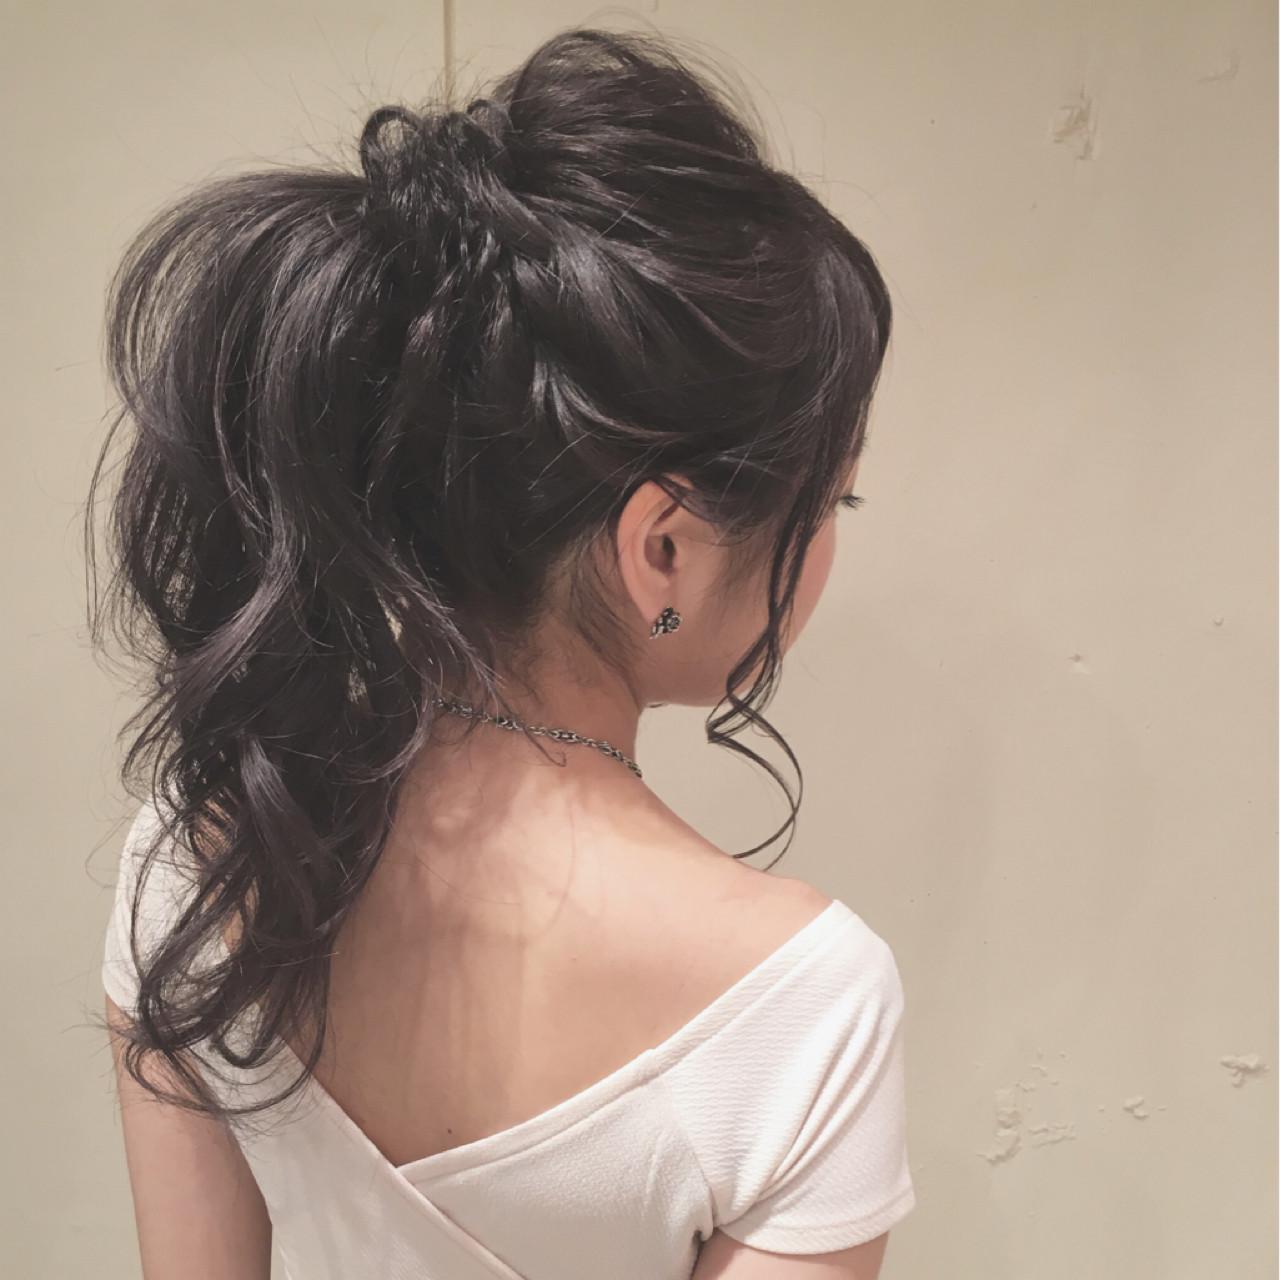 ヘアアレンジ ロング ゆるふわ ポニーテール ヘアスタイルや髪型の写真・画像